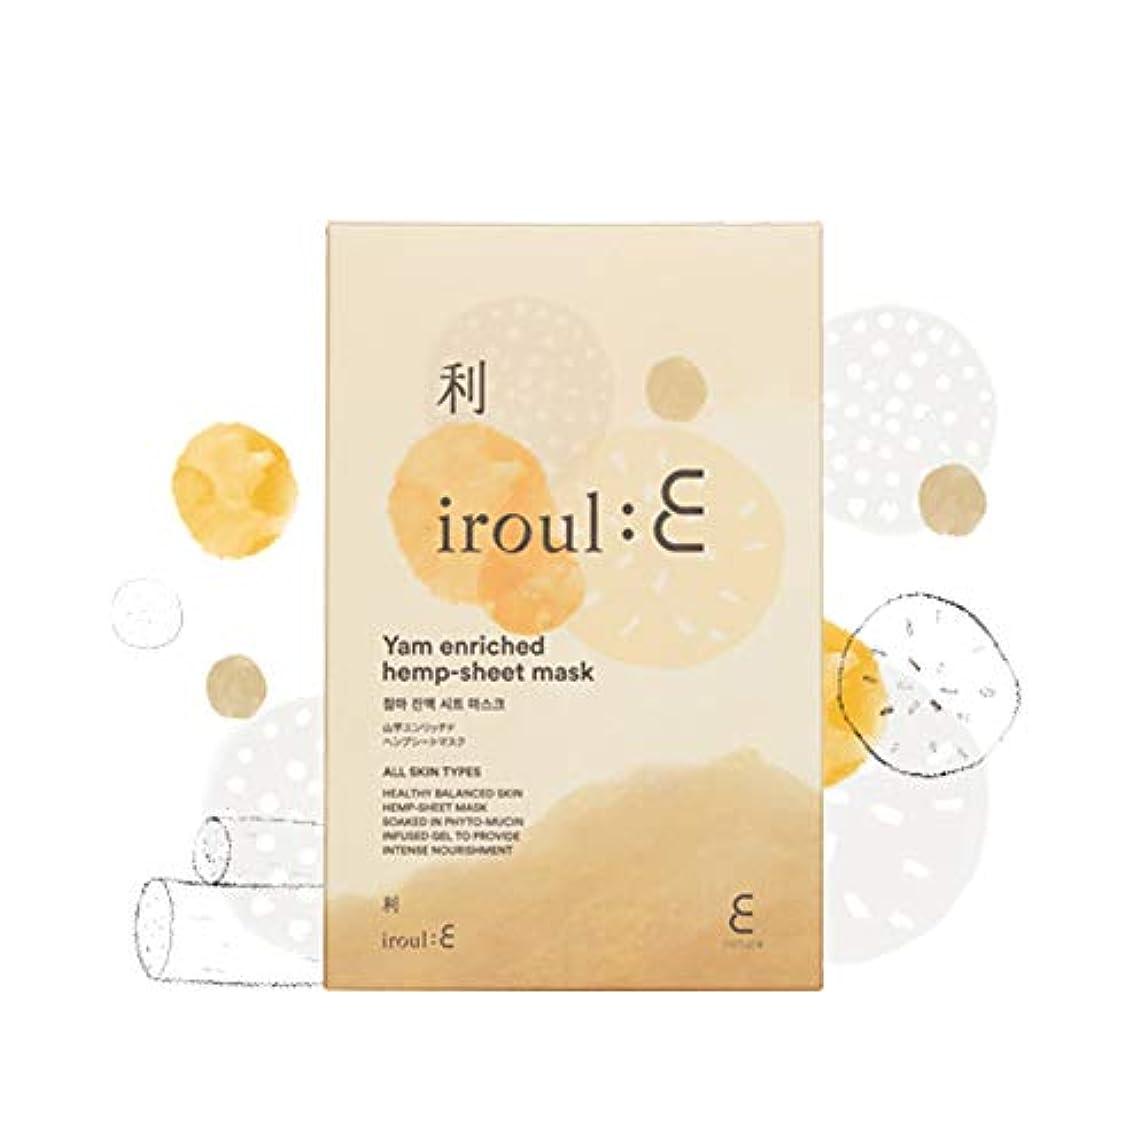 牧師統計的安いです【ENATURE 日本公式サイト】 Iroul E 山芋エンリッチドヘンプシートマスク 35gx5枚 韓国コスメ スキンケア